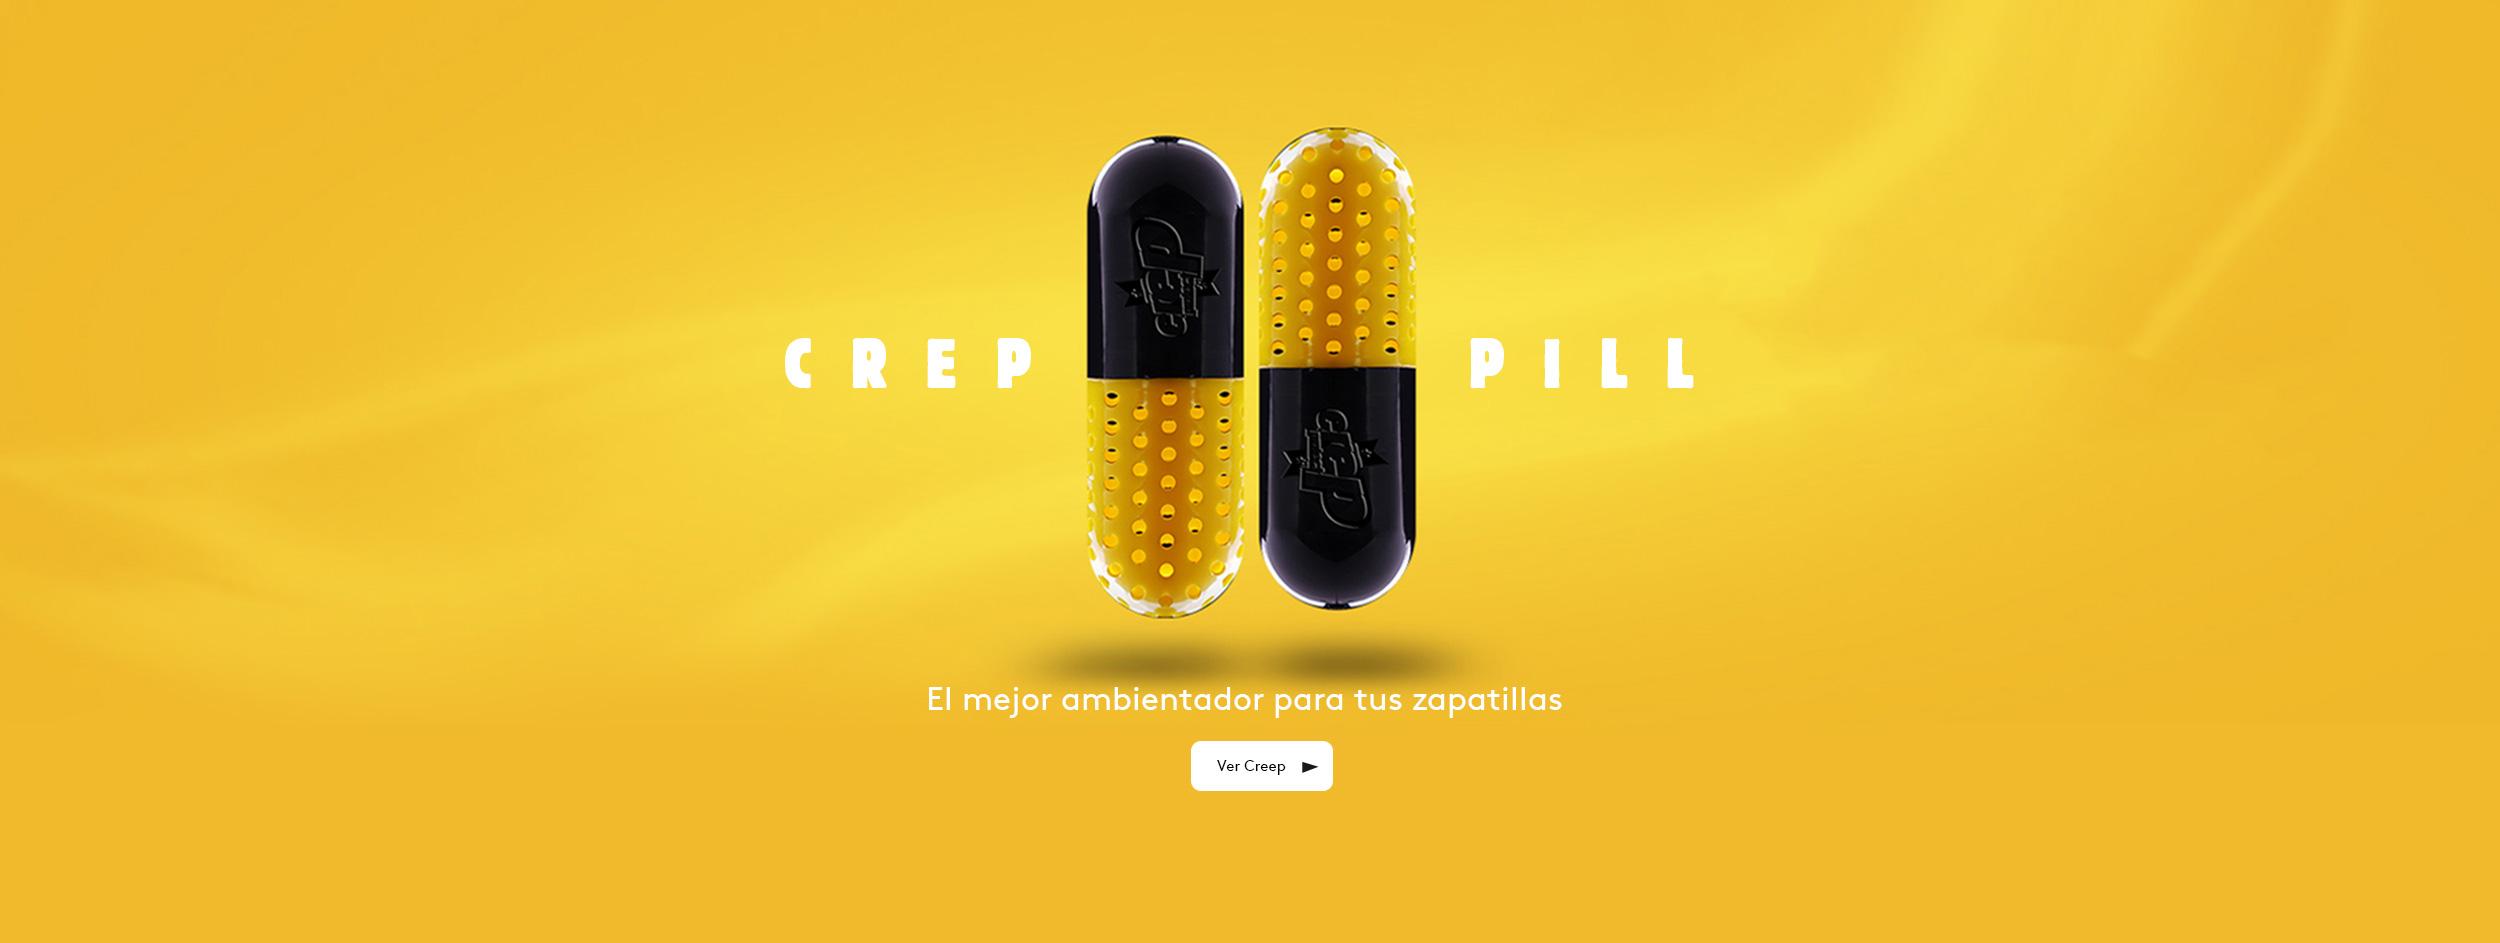 Crep Pill